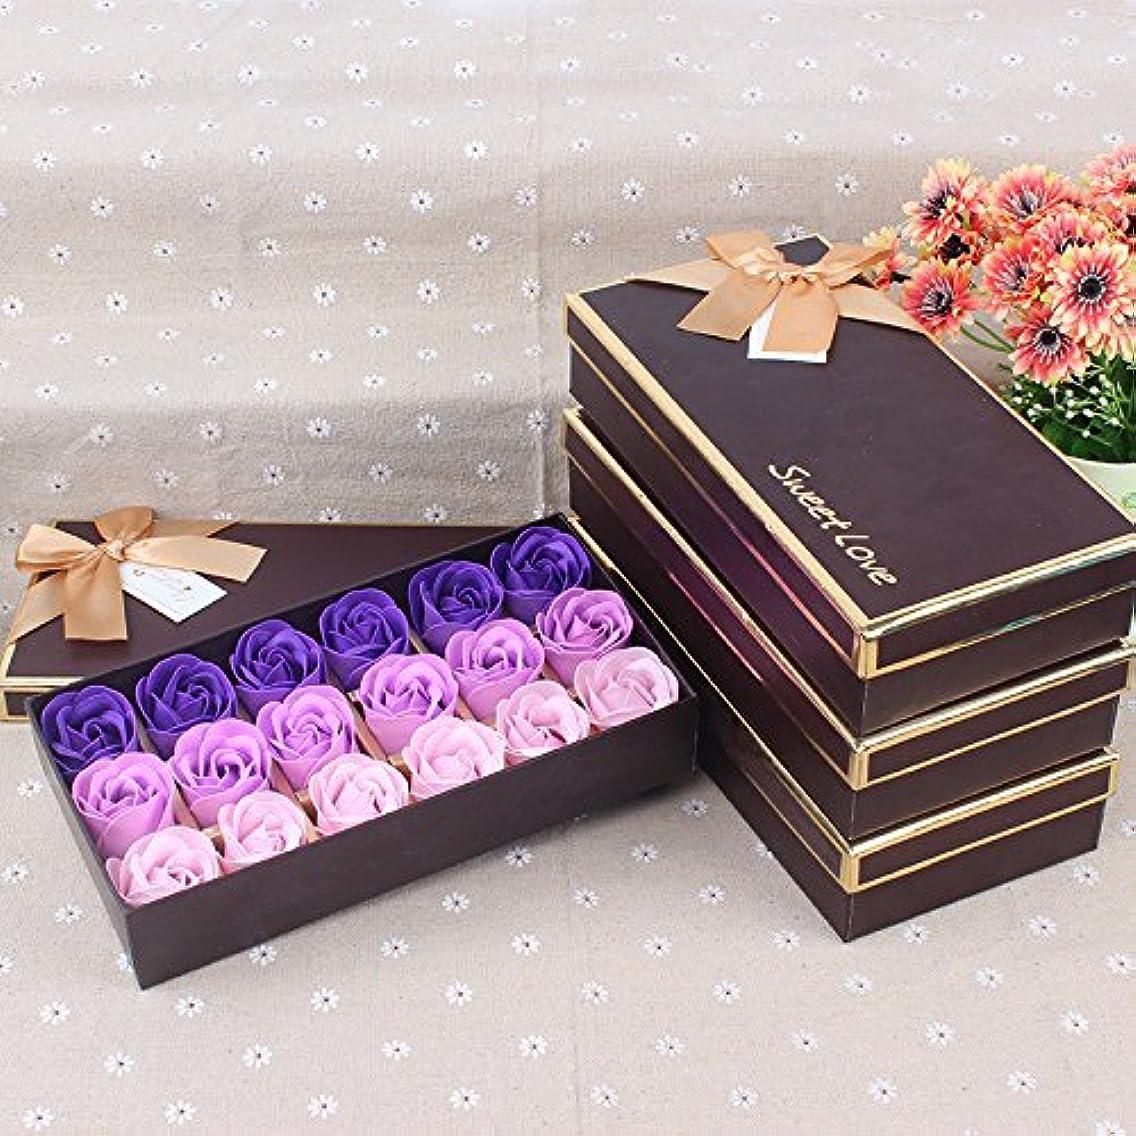 豊富バンク申し立てるWeryn(TM)結婚式のためのギフトボックスバレンタインデーの愛の贈り物で18バラセット香りの入浴ソープローズソープ花びら[Purplegradient]